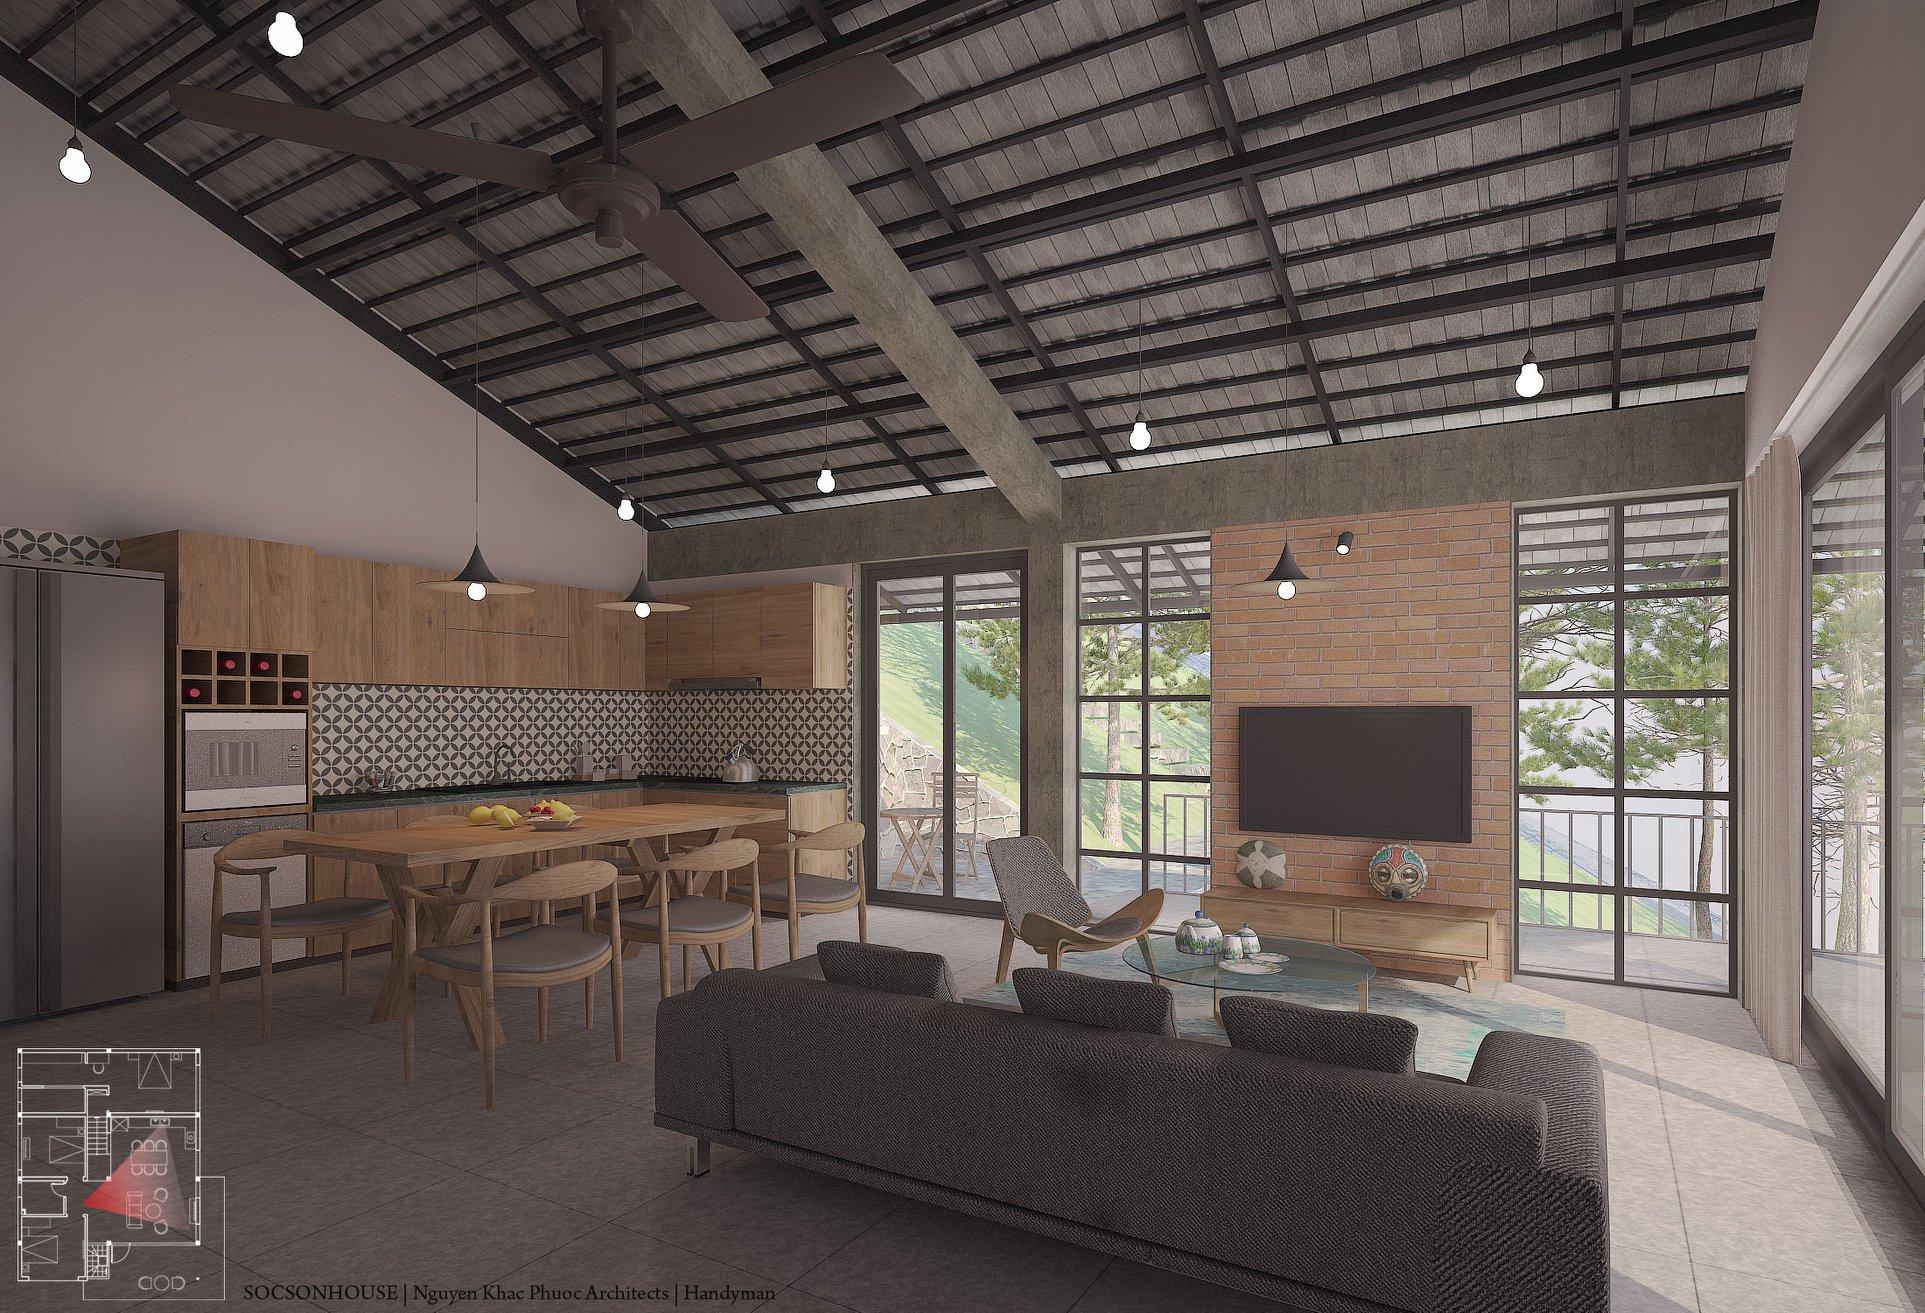 Thiết kế biệt thự đẹp mái chồng mái nằm lưng chừng núi ở Sóc Sơn - Nhà Đẹp Số (10)